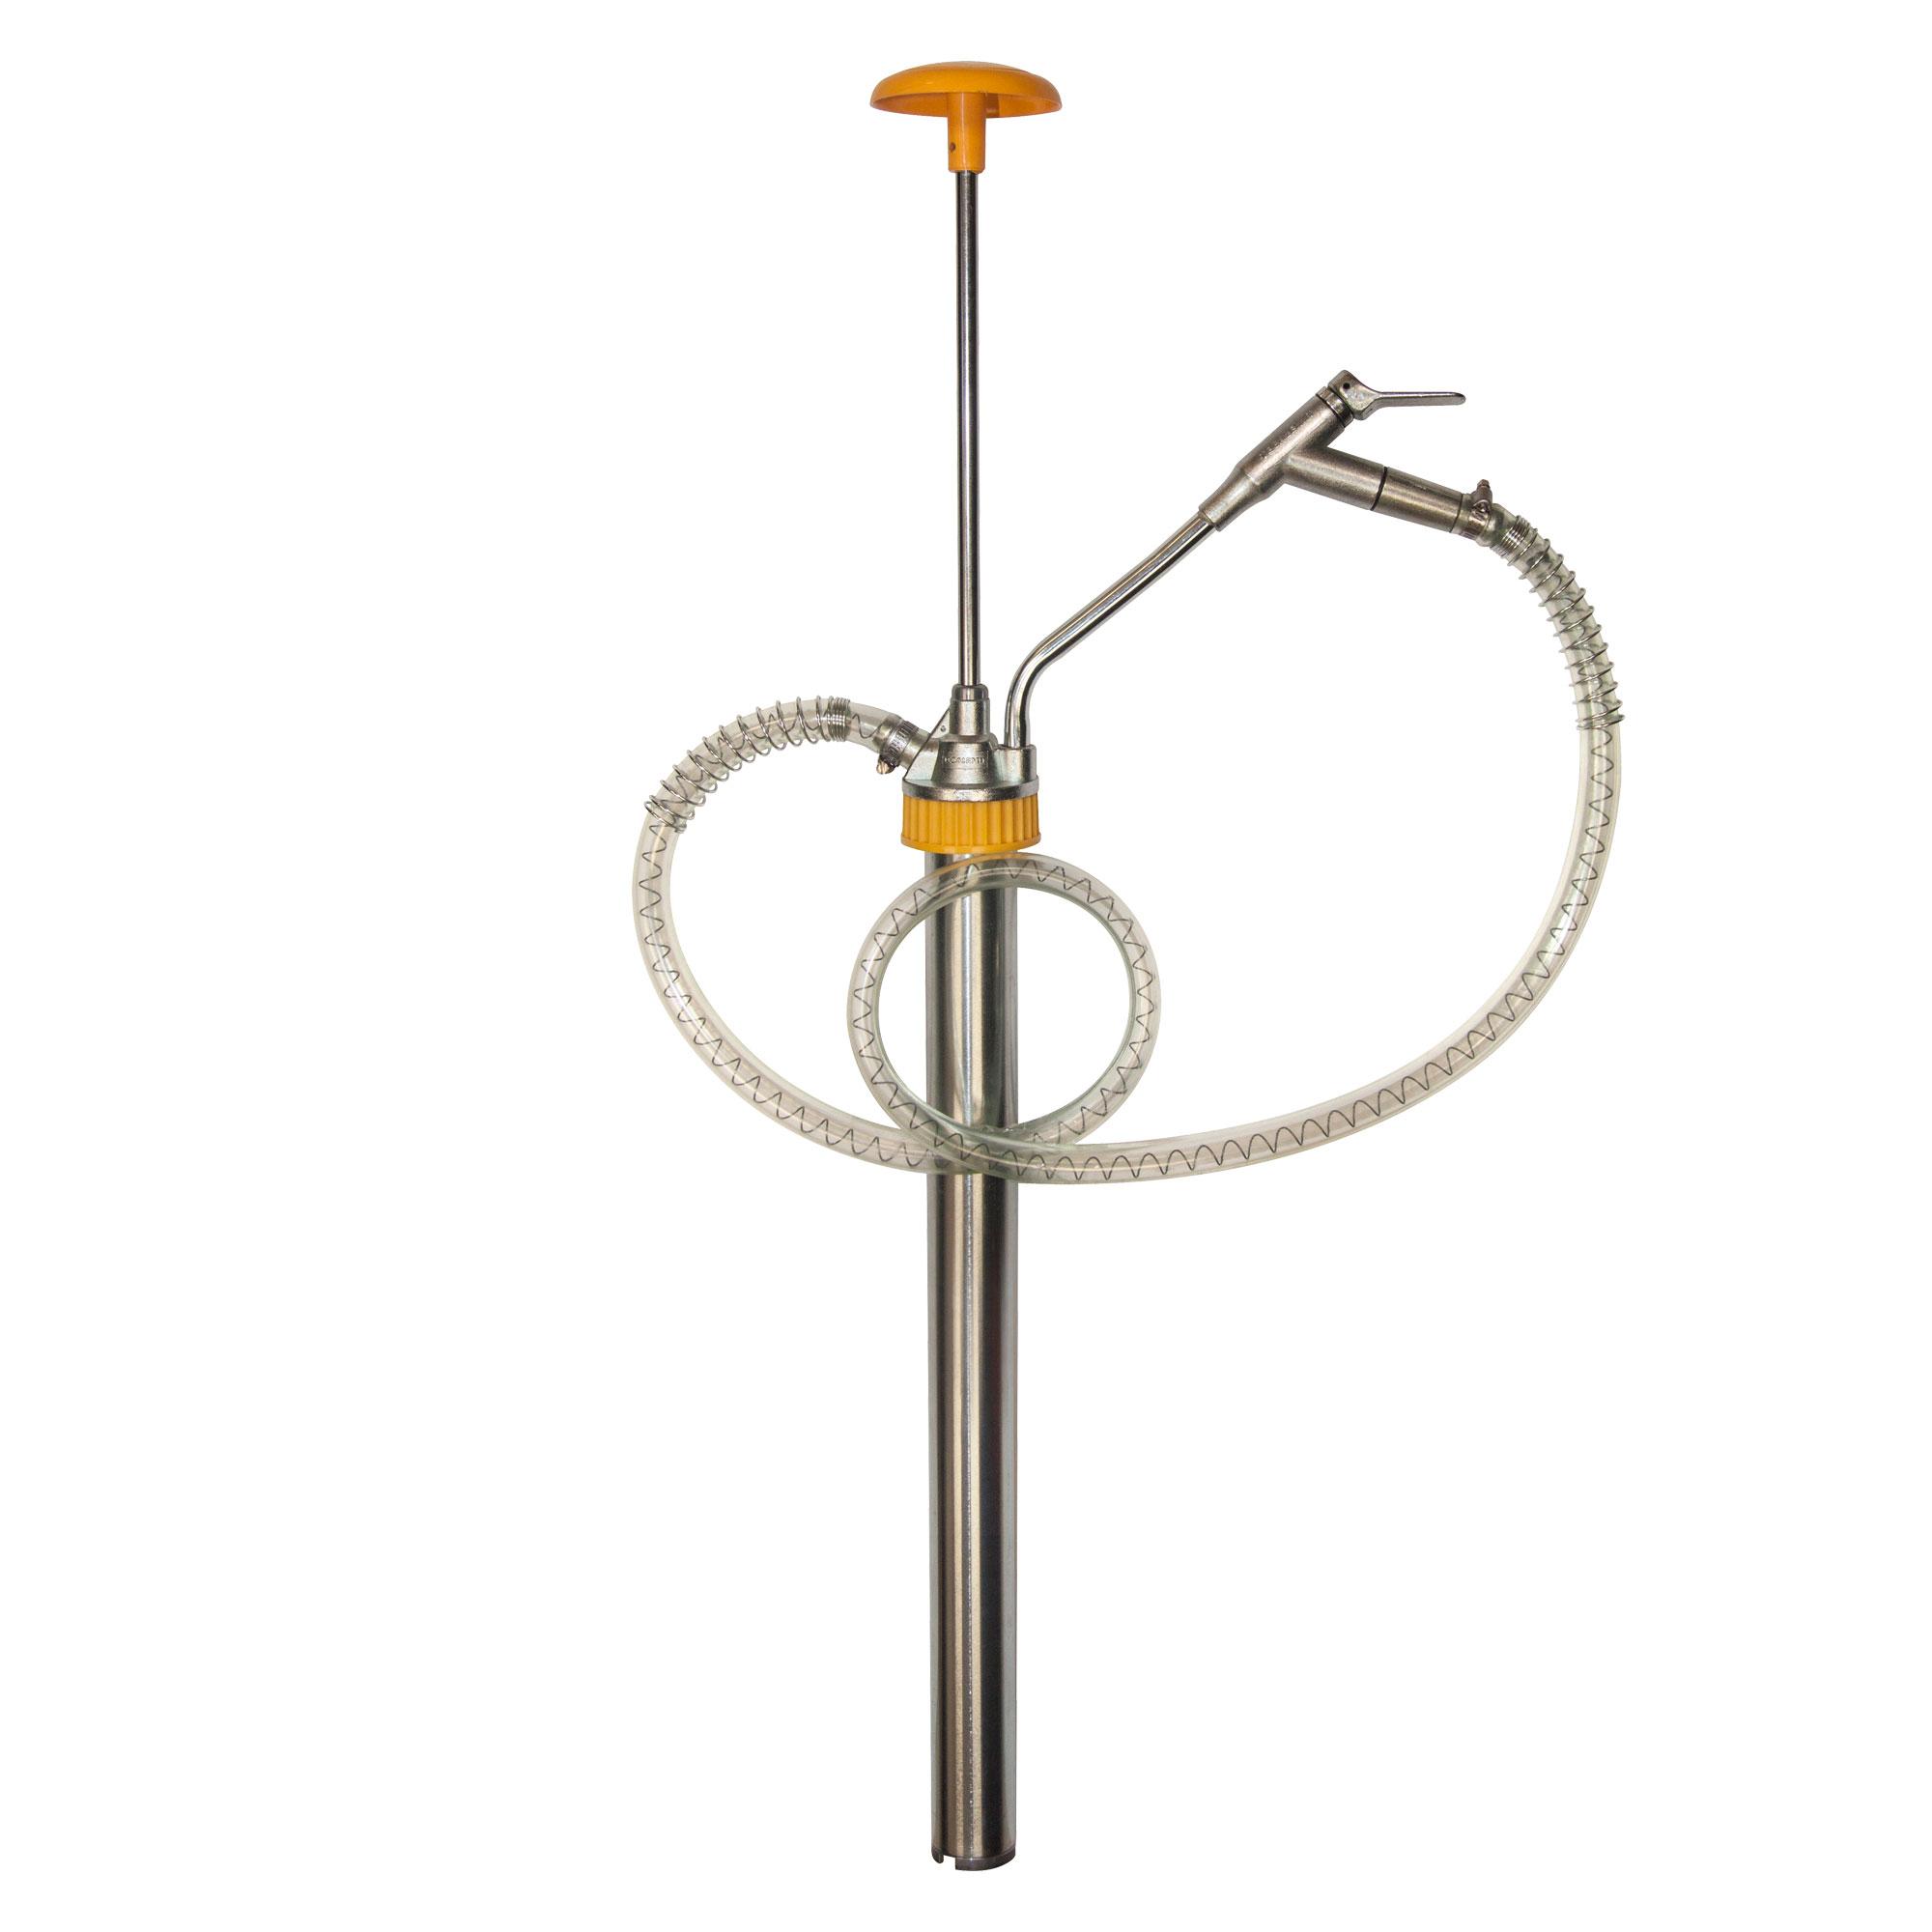 TEC51560 - 60L ATF Spring Pump